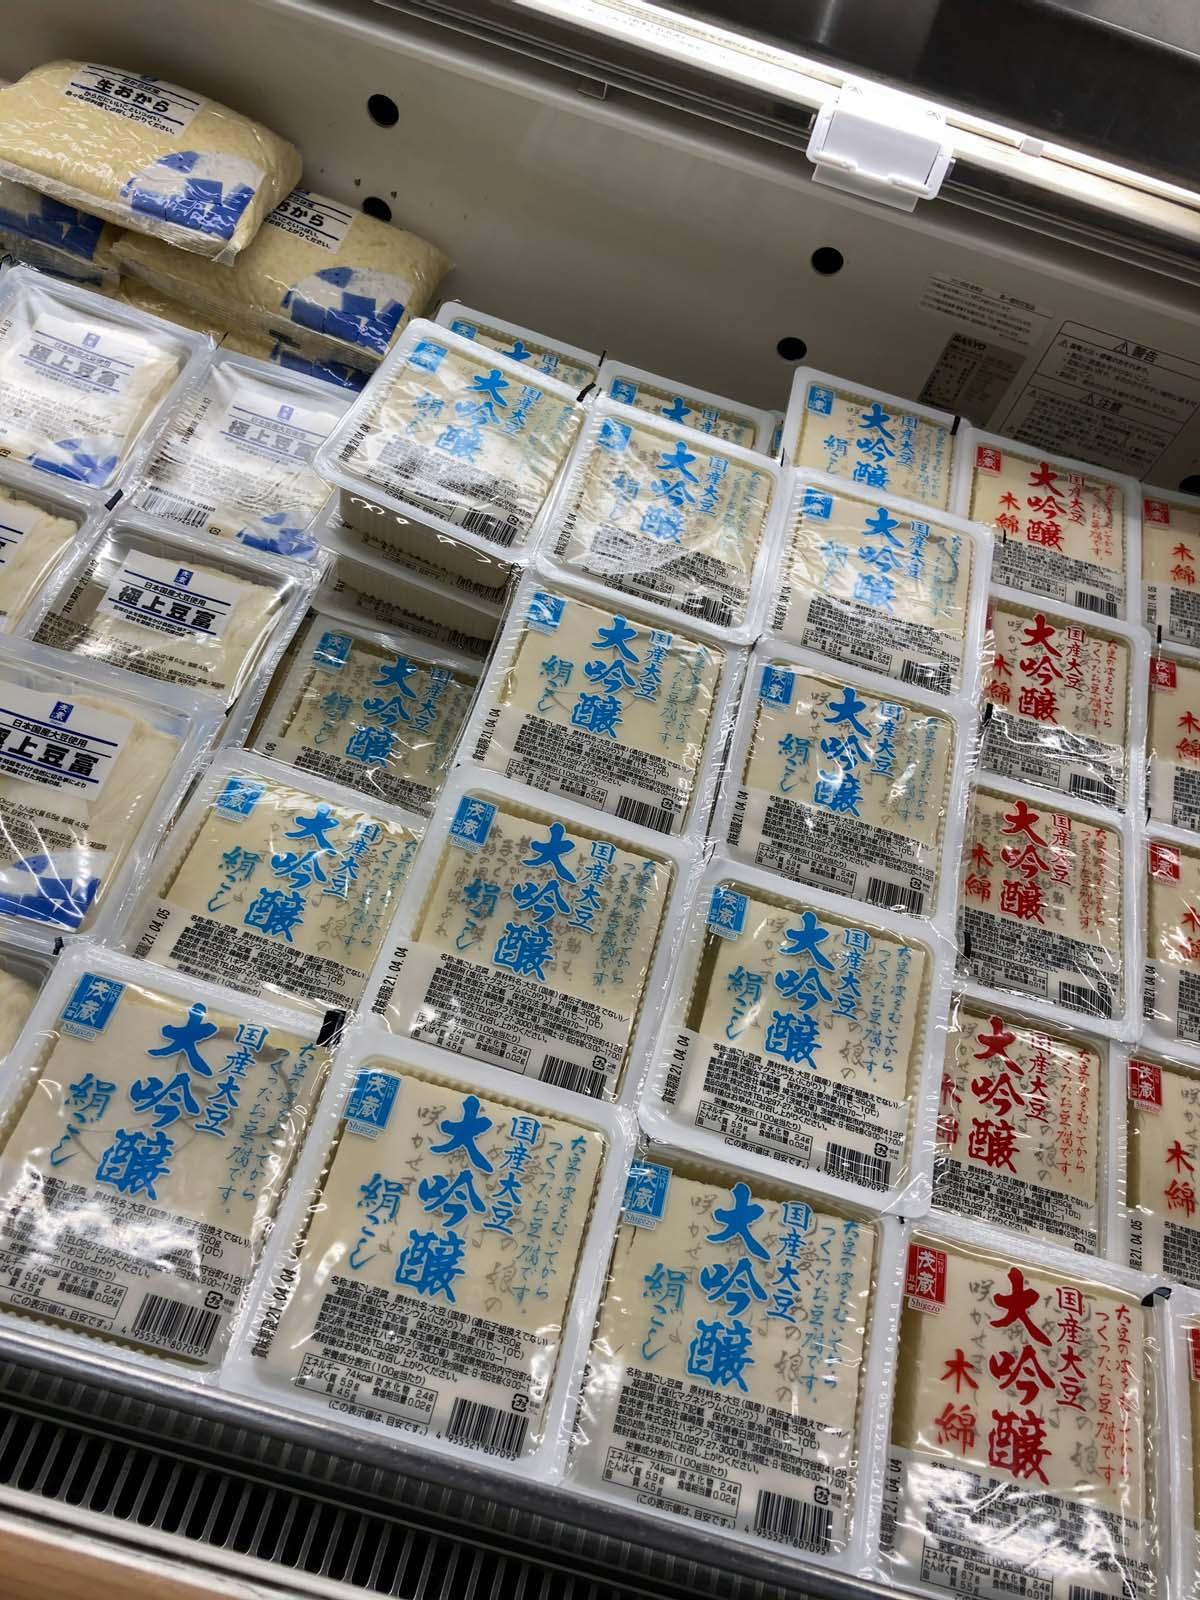 豆腐だけでも数種類あるので、どれを選ぶか悩んでしまいます